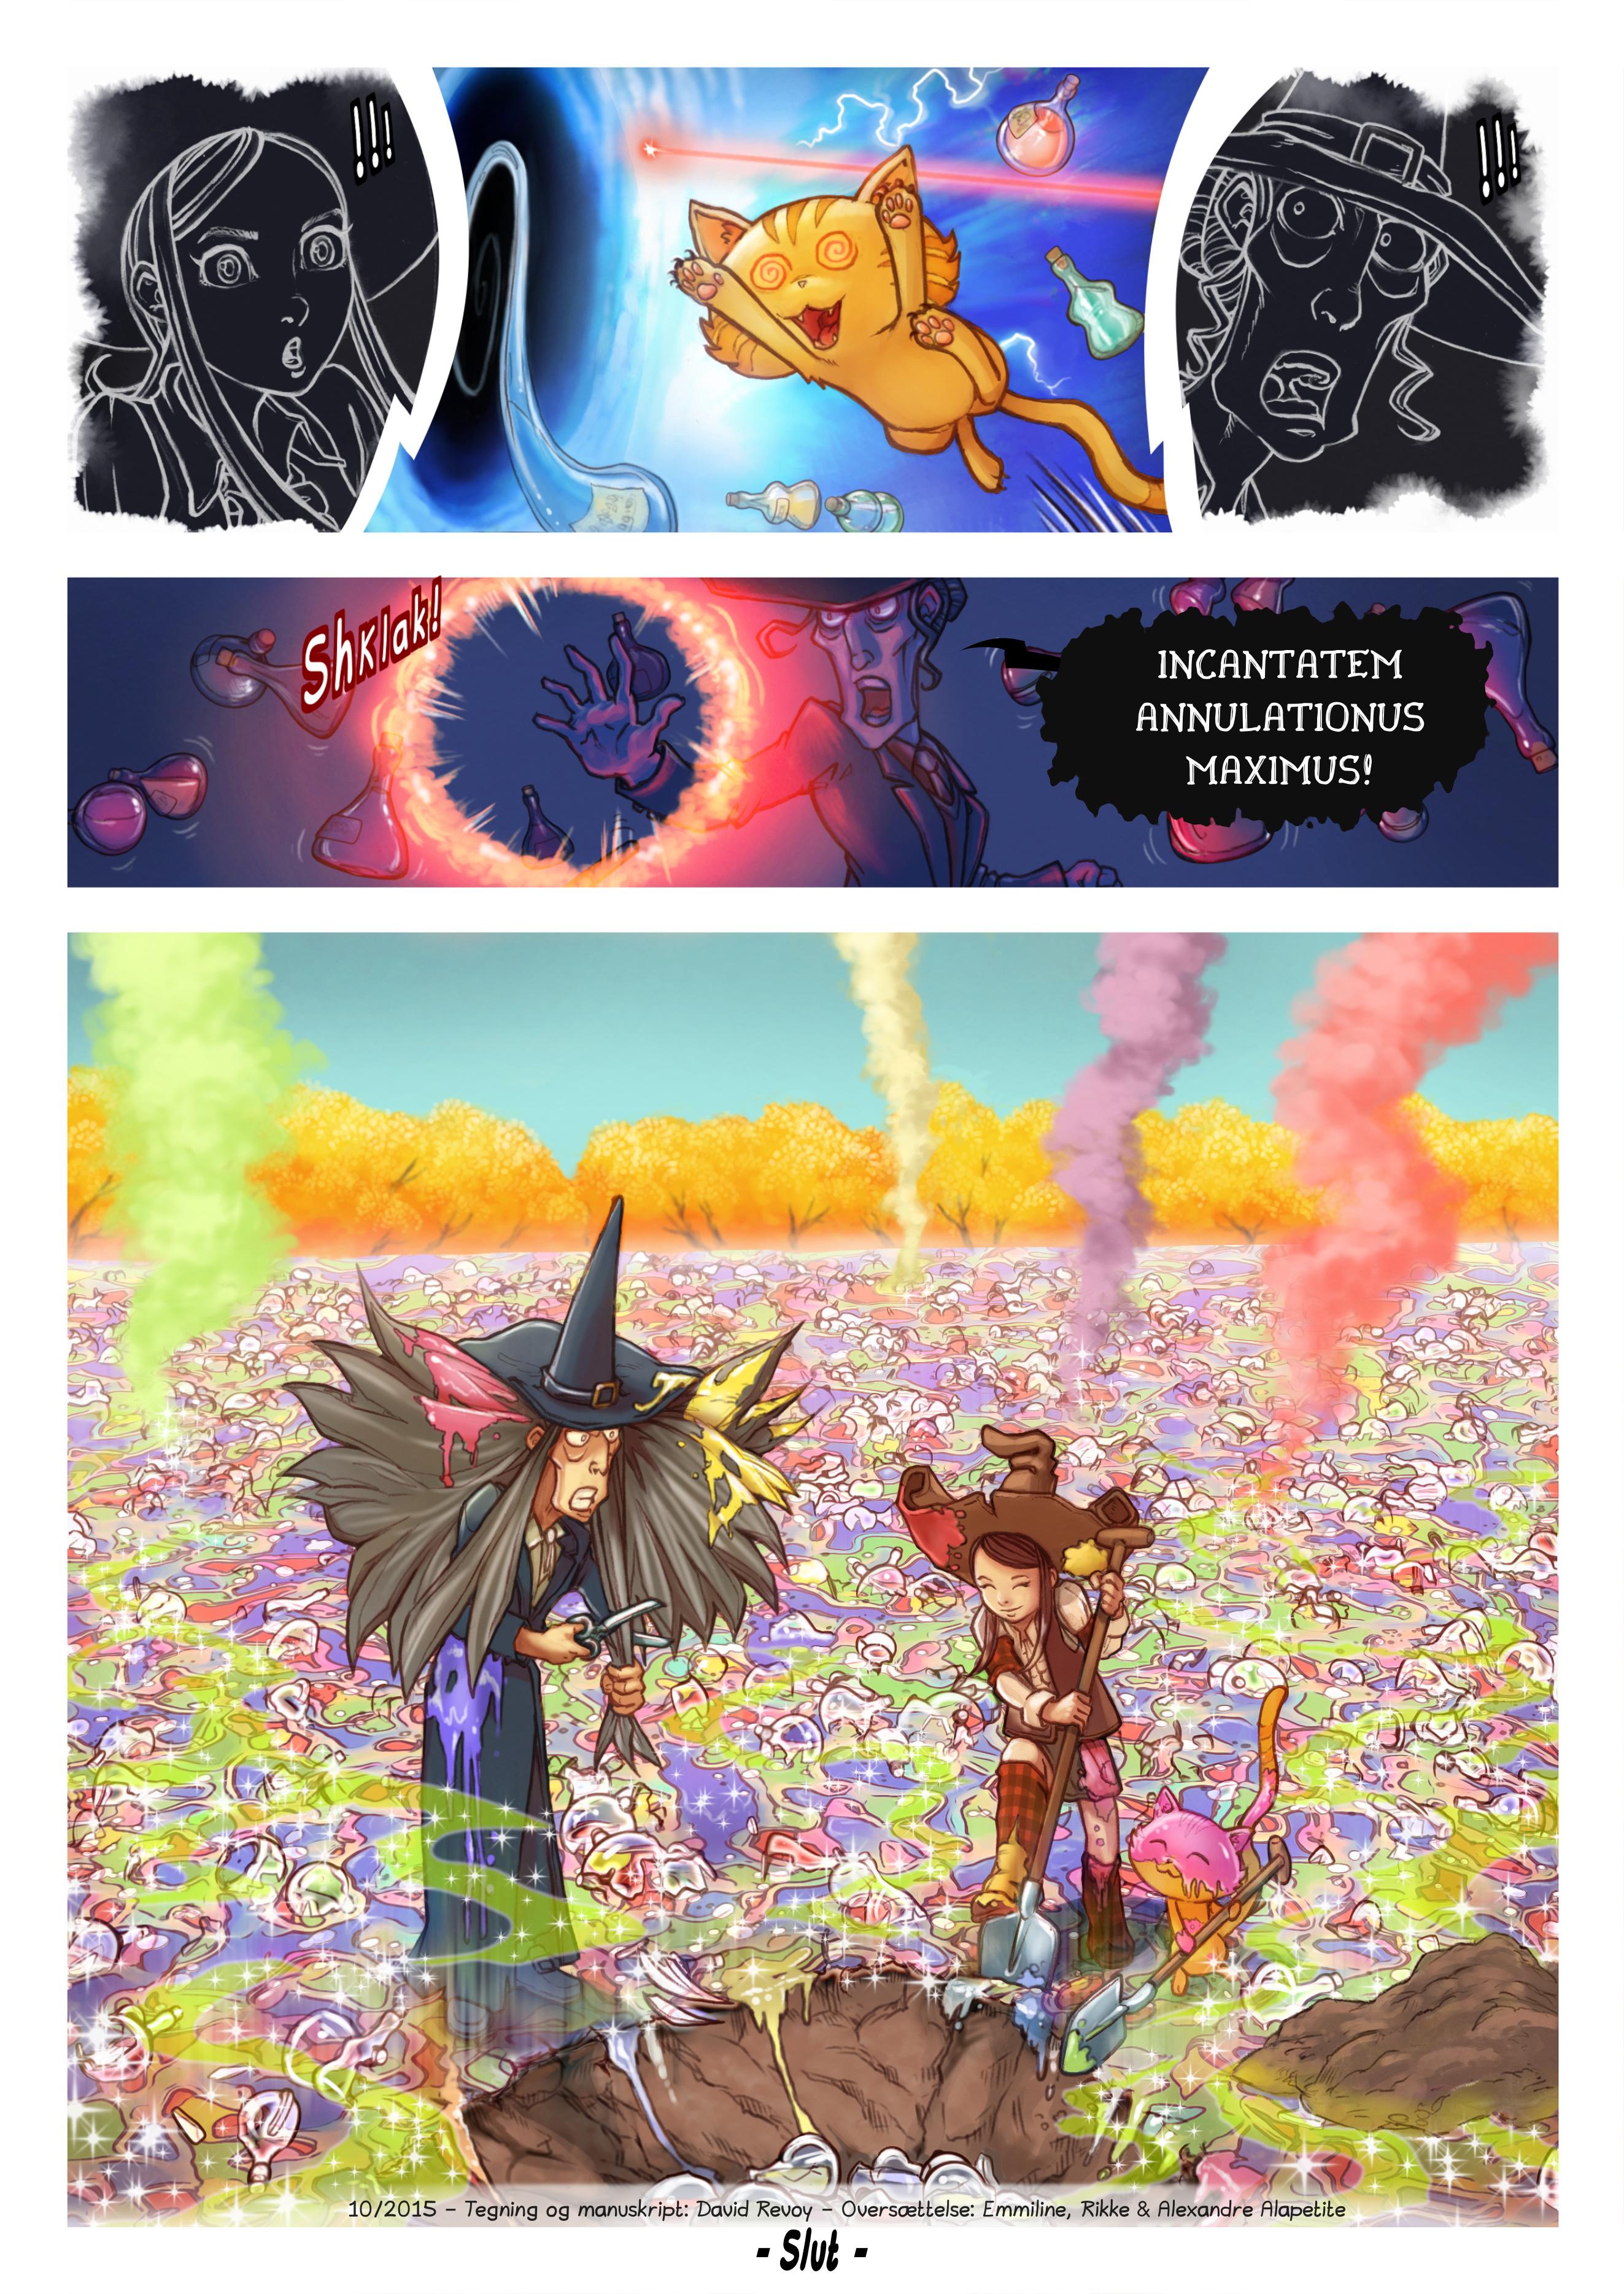 Episode 12: Efterårsoprydning, Page 7